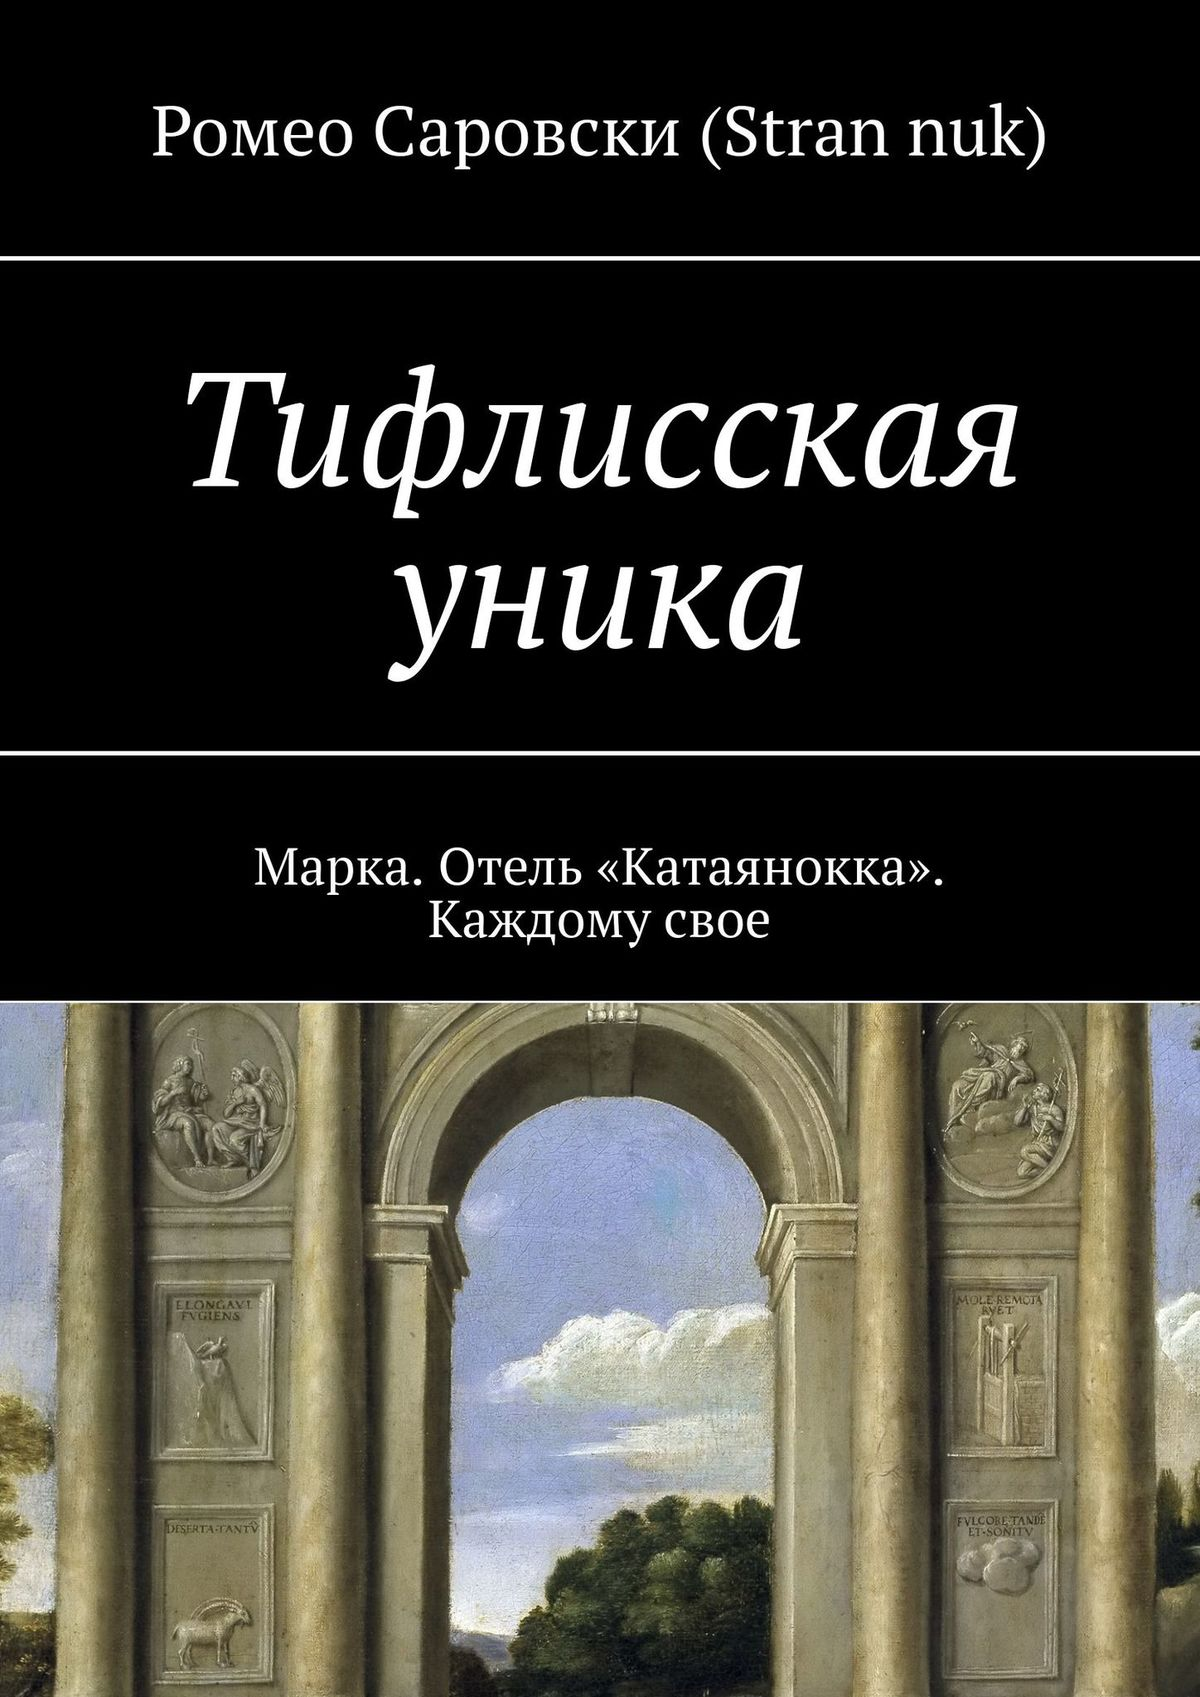 Роман Чукмасов (Stran nuk) Тифлисская уника. Марка. Отель «Катаянокка». Каждомусвое